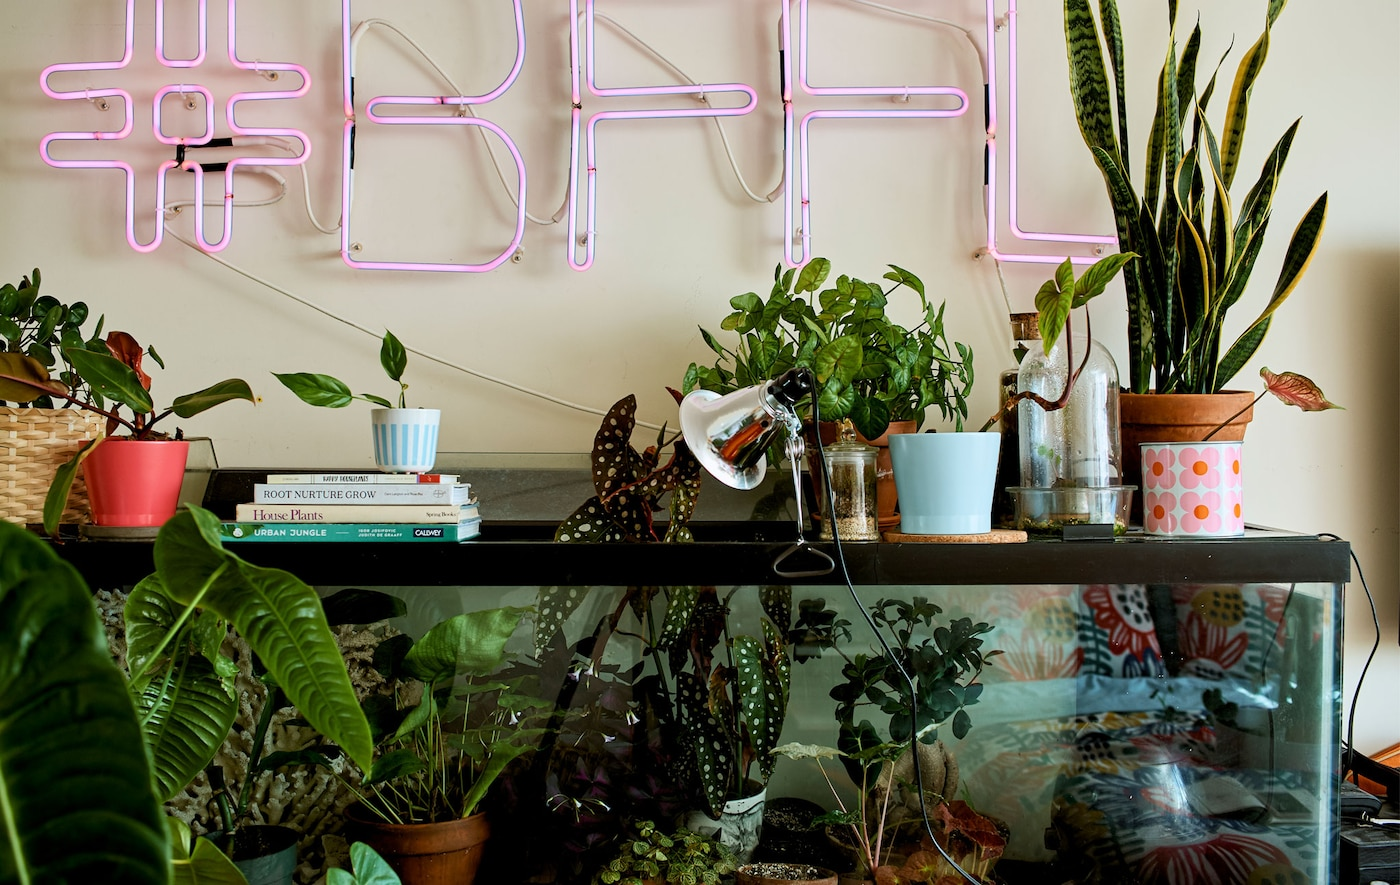 Спальня с выставкой растений в аквариуме и неоновая розовая вывеска на стене выше.